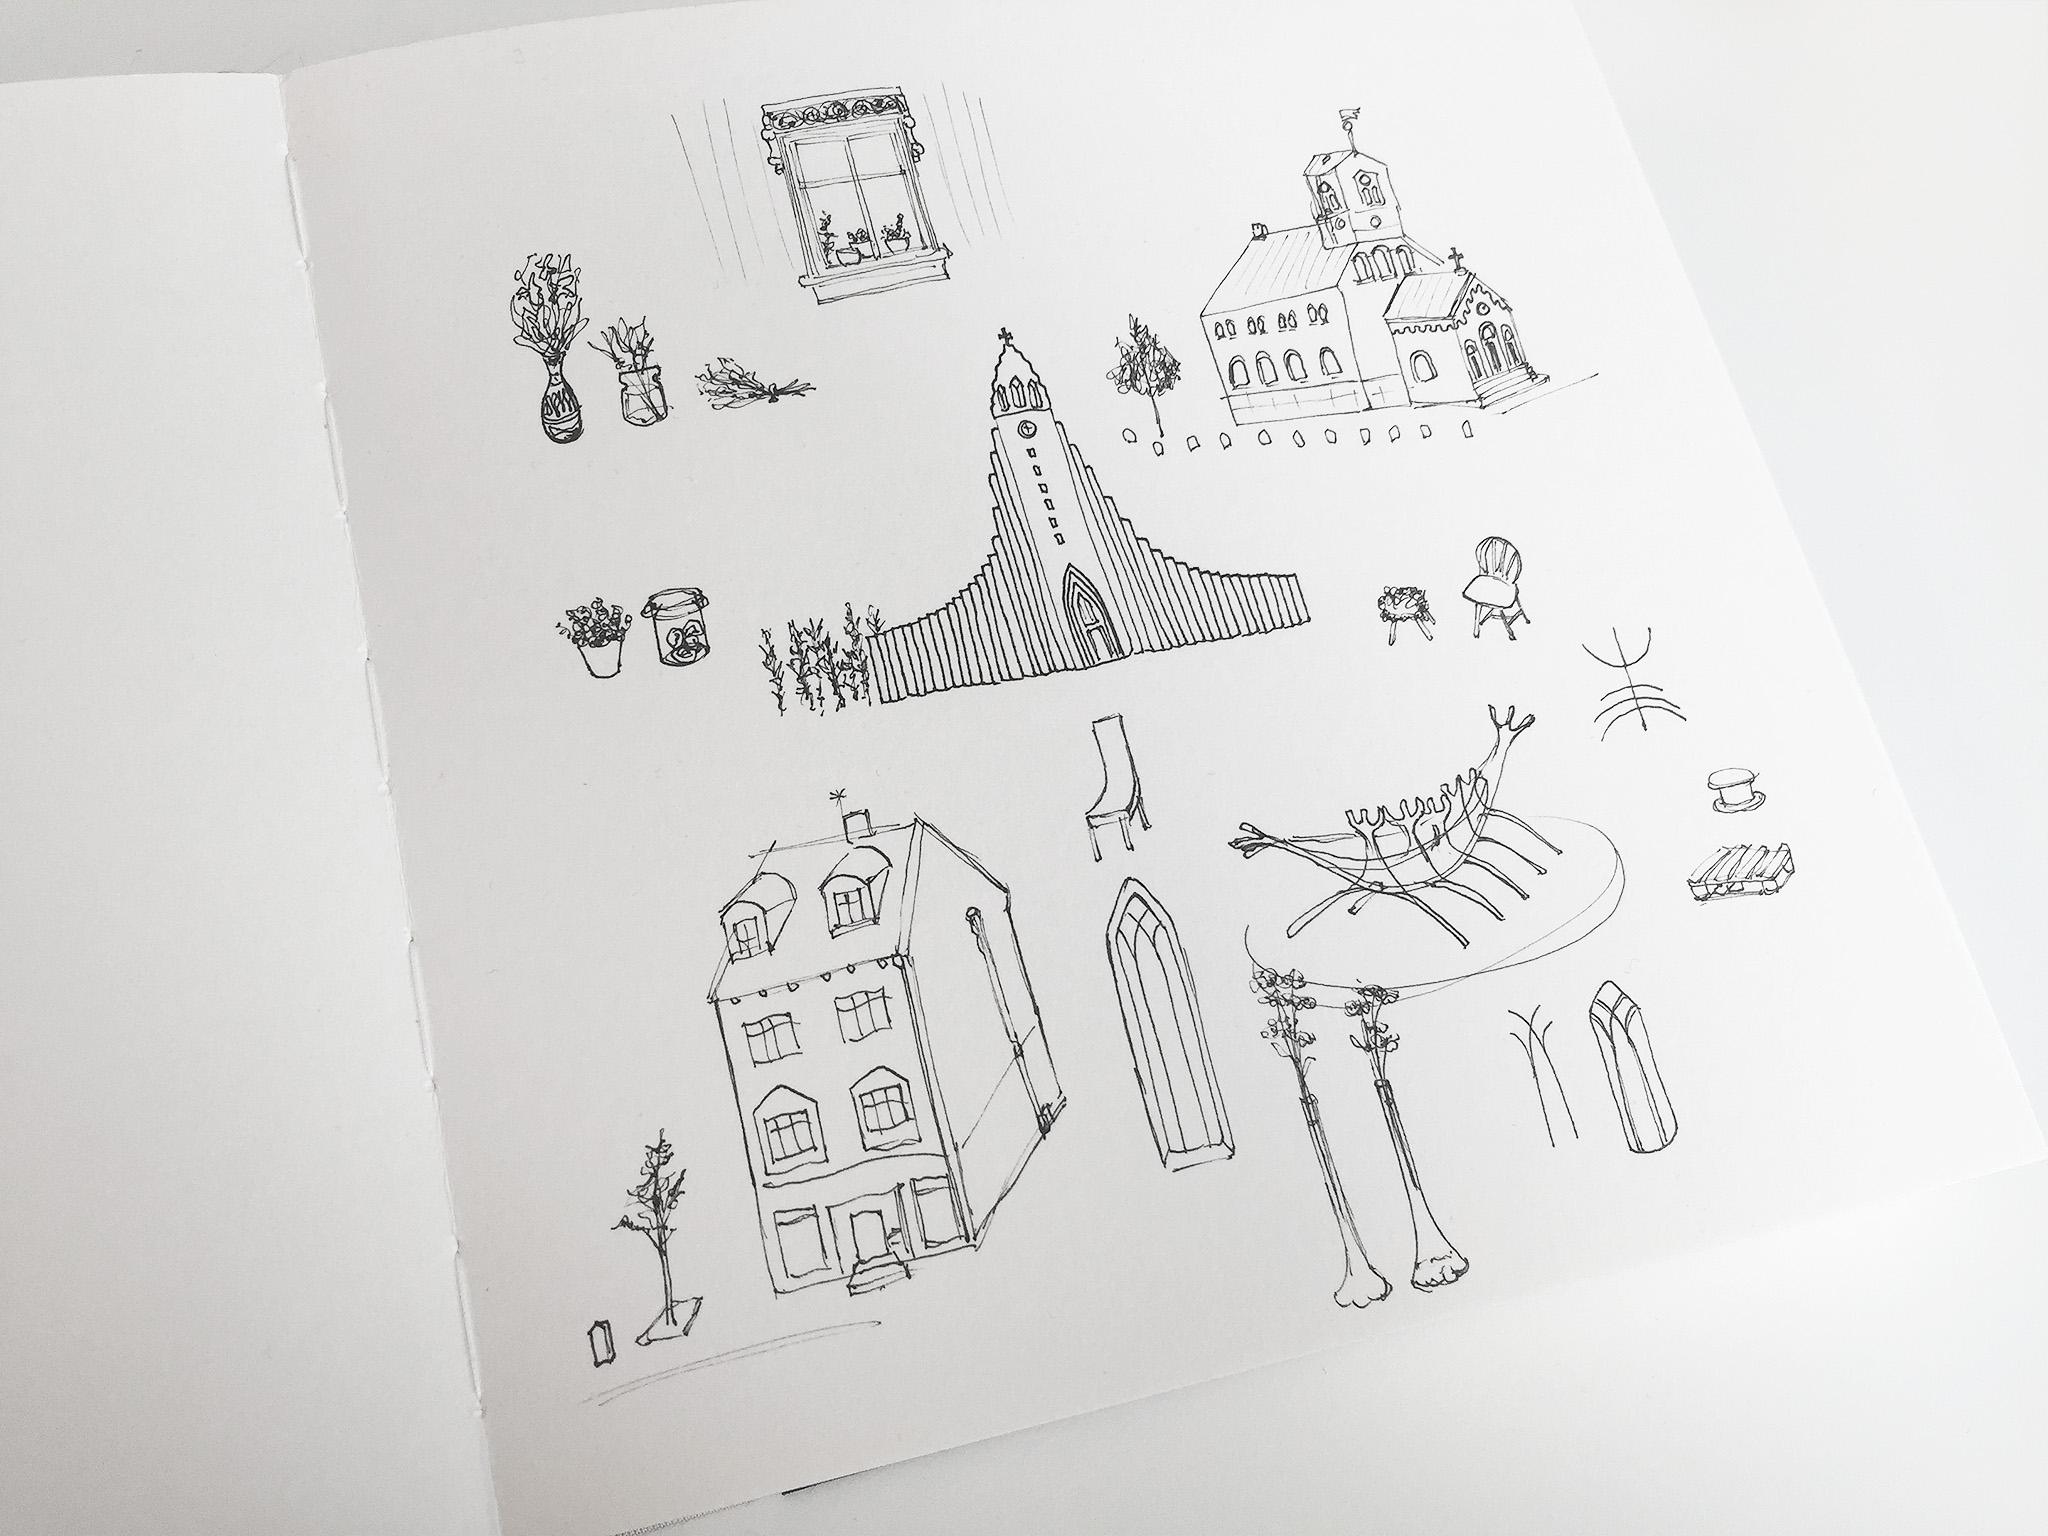 Island Reise Reykjavík Zeichnung Skizzenbuch Hannah Rauß noe.io